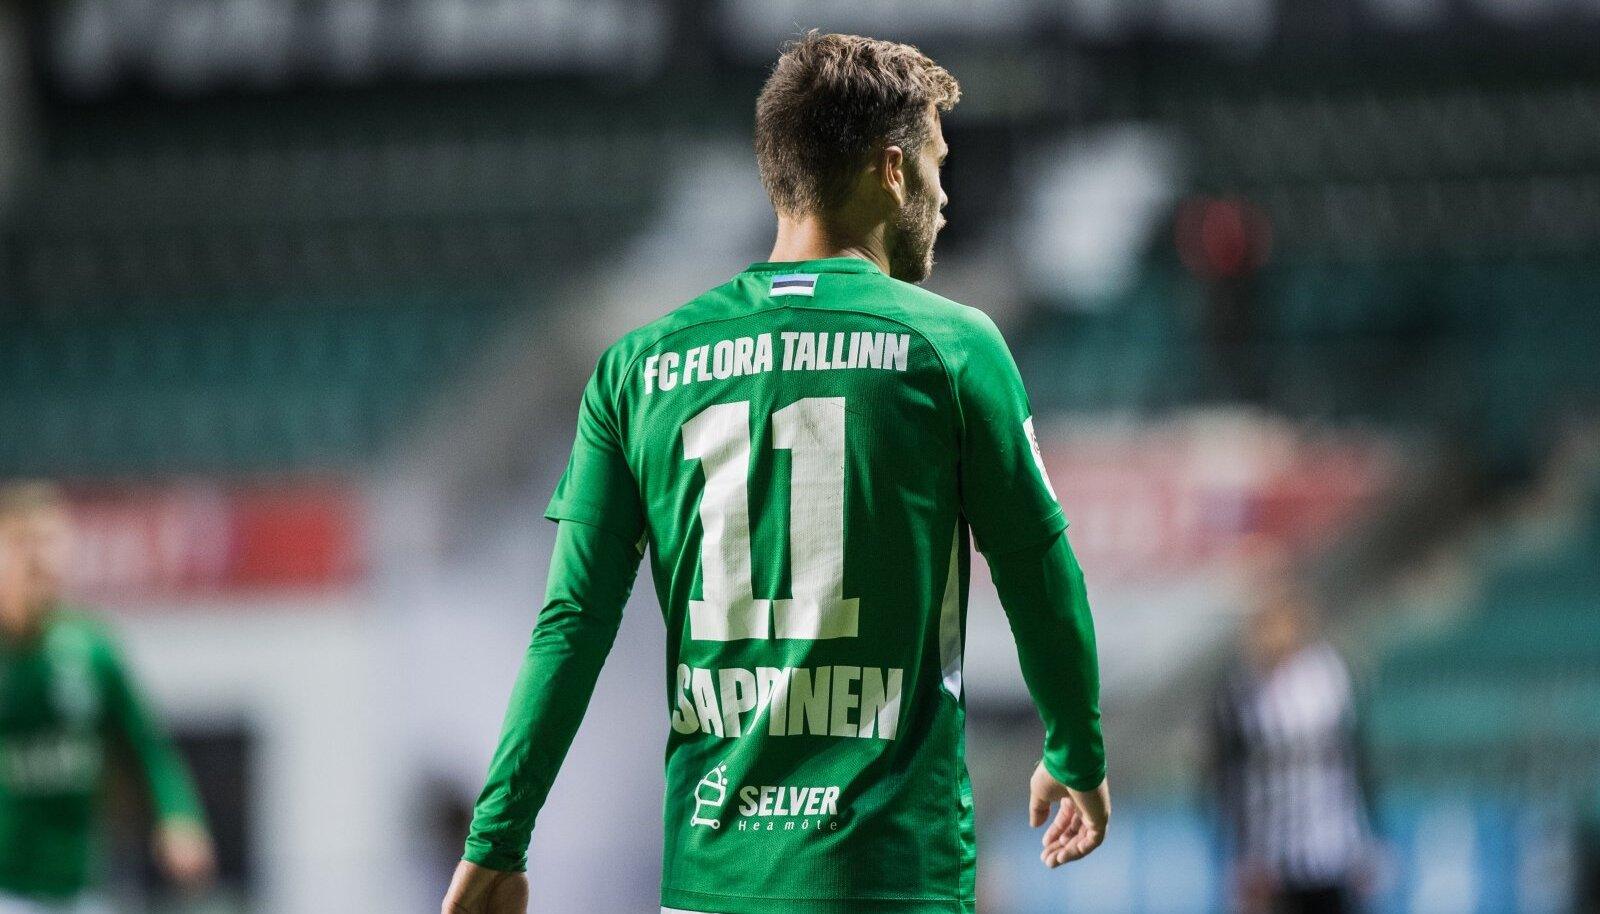 """Premium liiga parim väravakütt Rauno Sappinen """"Futboliidi"""" MVP edetabelis esikohale ei tõusnud."""